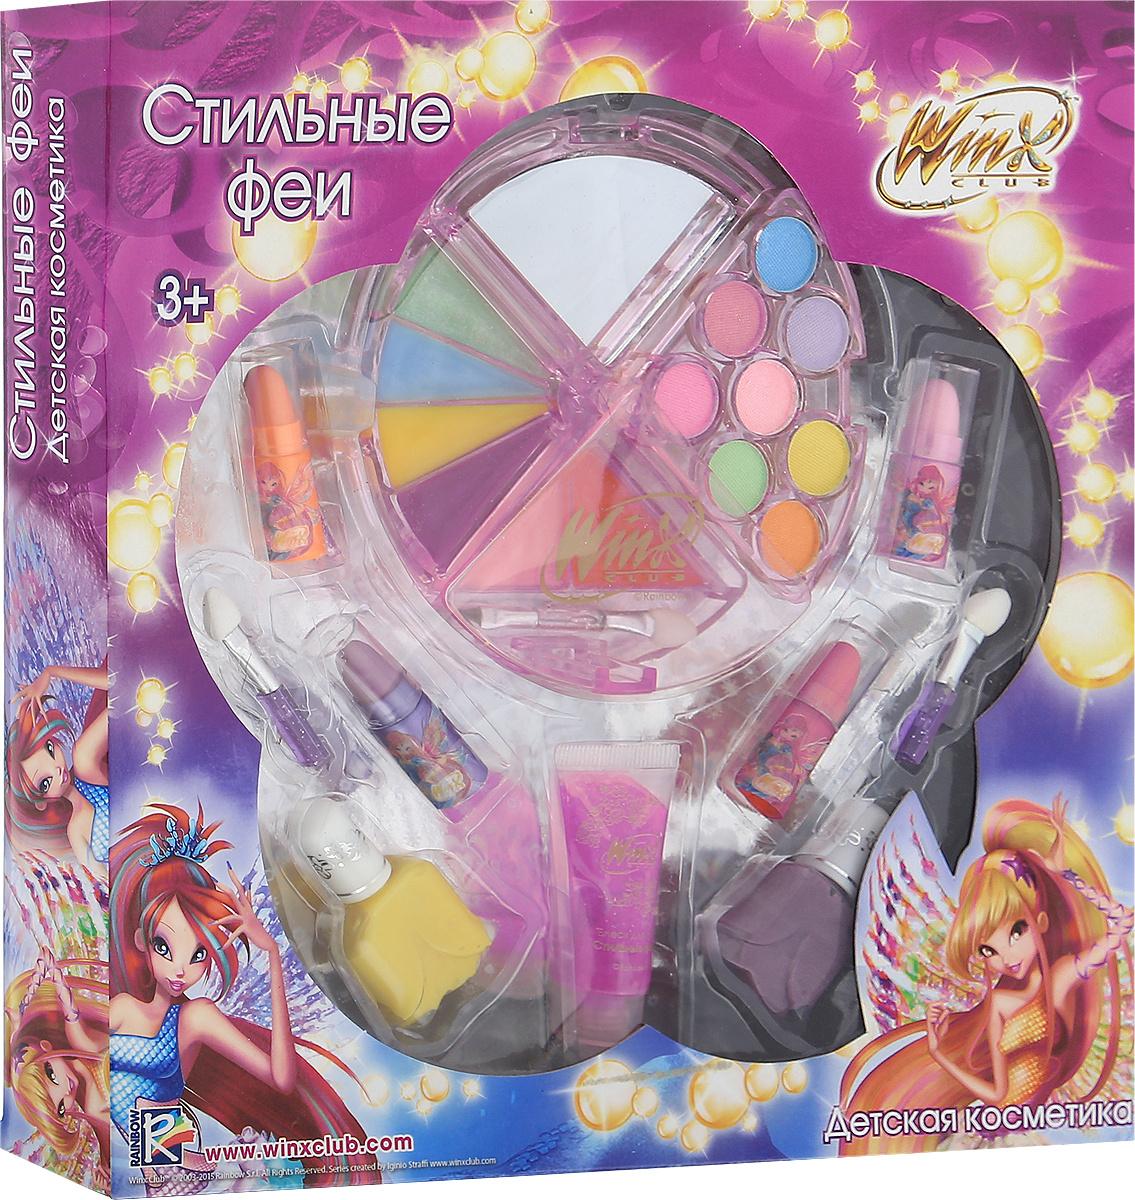 Winx Club Набор детской декоративной косметики Стильные феи  #1